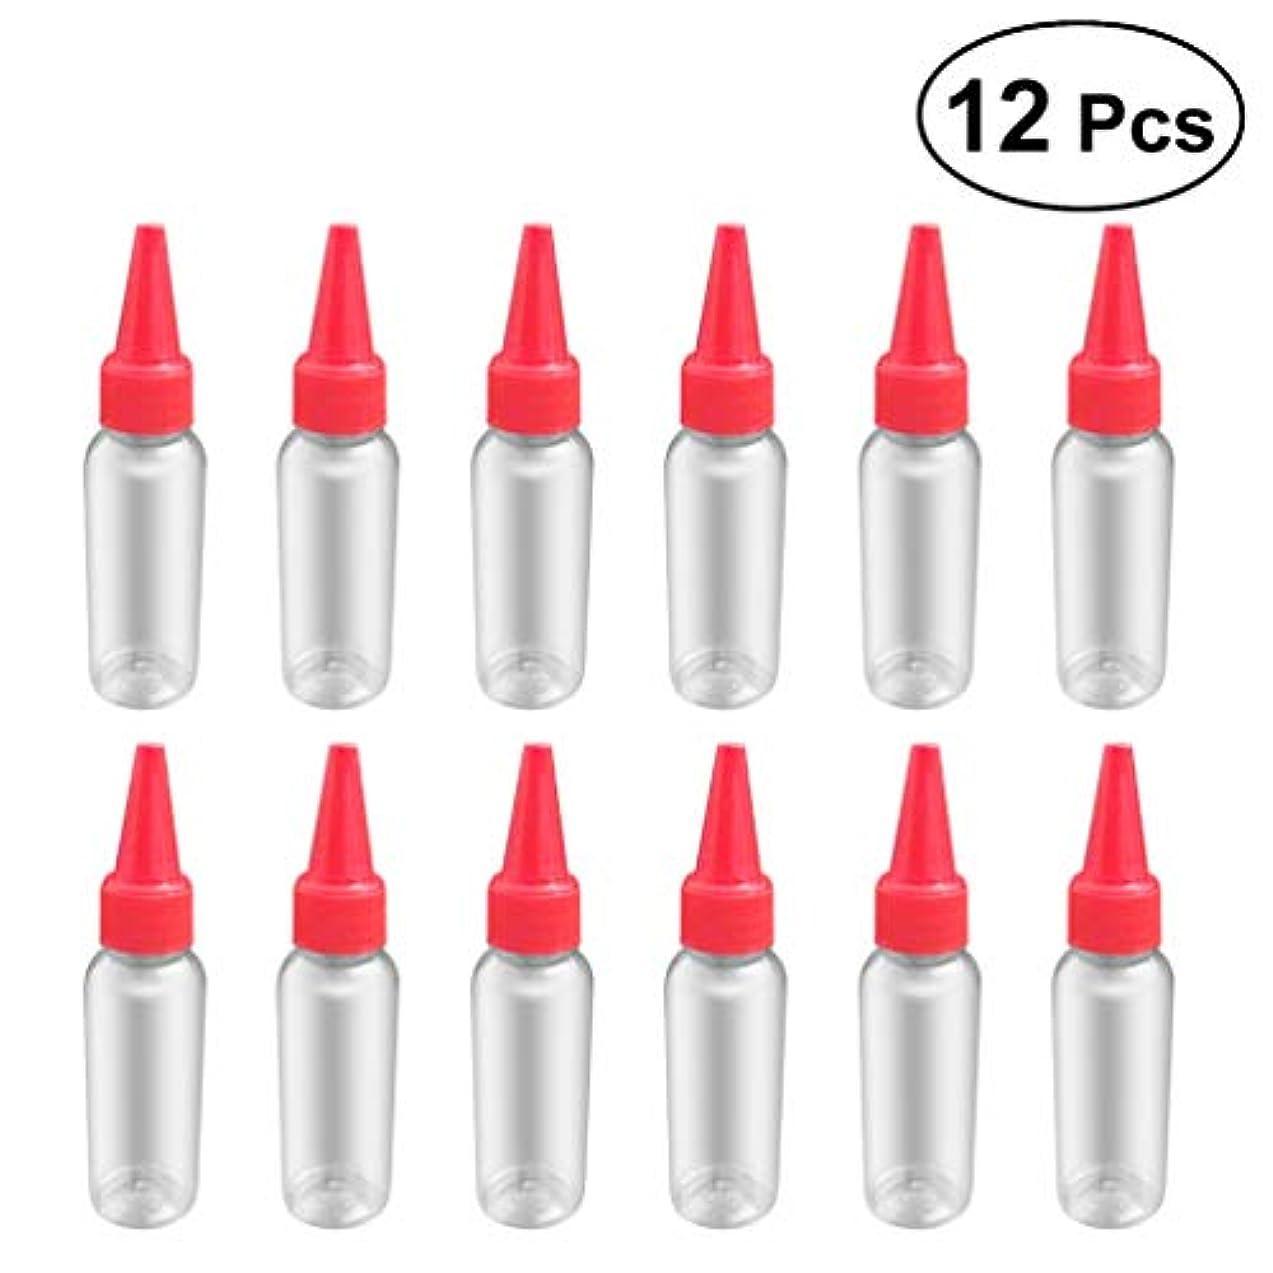 スポンジ全員イサカSUPVOX 12ピース プラスチック アプリケーターボトル スクイズフロー デザイン チップキャップ 空ボトル 用液体 オイルグルー ディスペンサー ヘアカラー 40ml(赤)